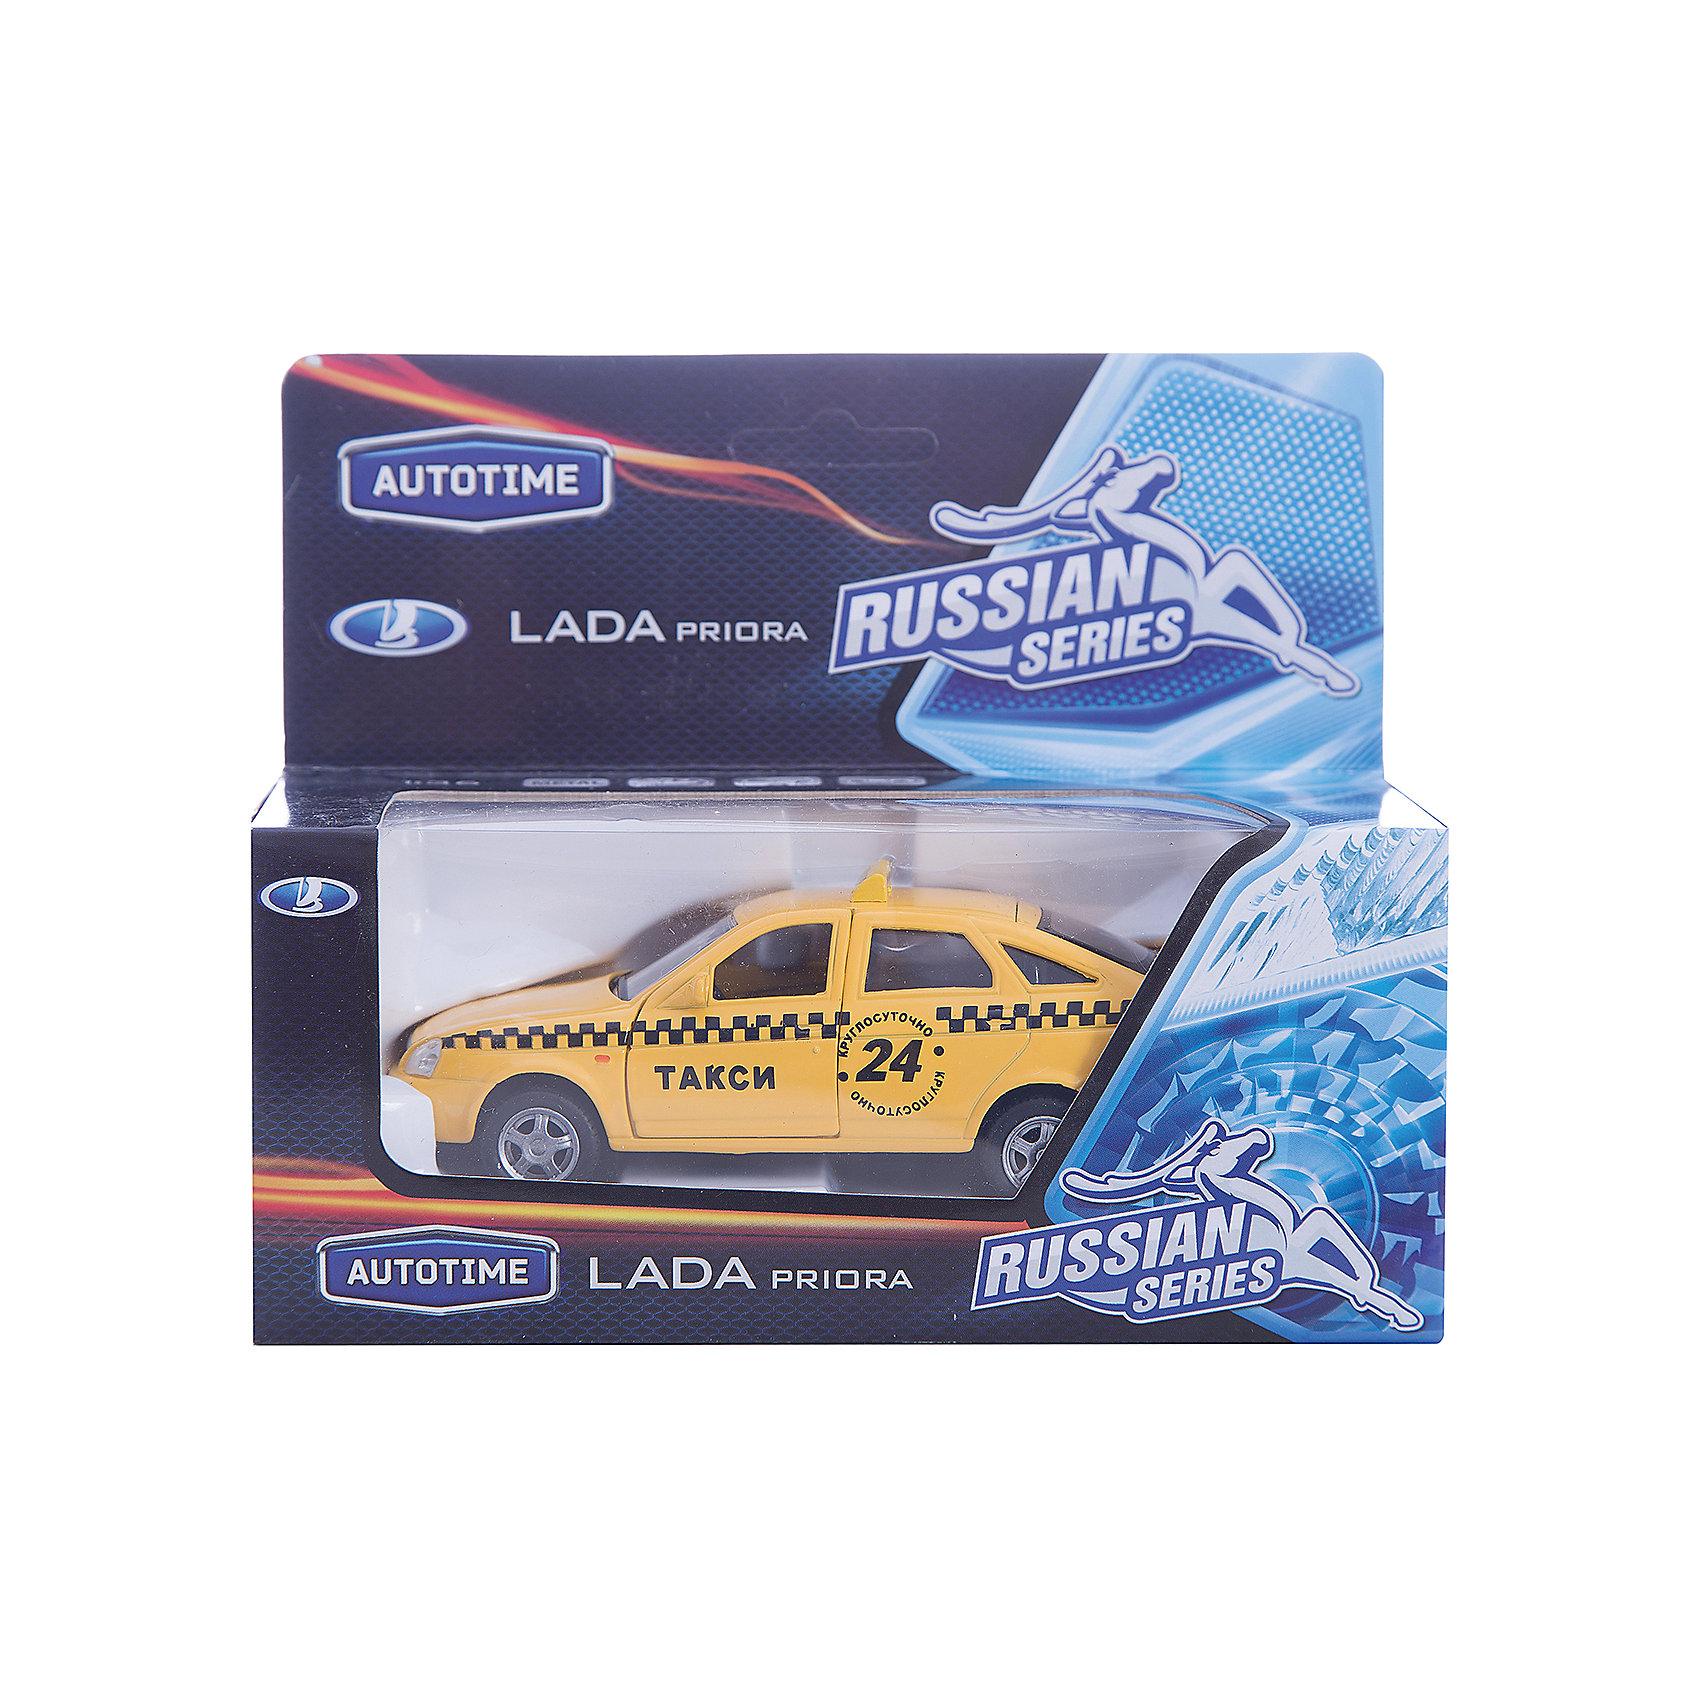 Машинка Lada Priora такси 1:36, AutotimeМашинки<br>Характеристики товара:<br><br>• цвет: желтый<br>• материал: металл, пластик<br>• размер: 16,5х7,х5,7 см<br>• вес: 100 г<br>• масштаб: 1:36<br>• прочный материал<br>• хорошая детализация<br>• открываются двери<br>• страна бренда: Россия<br>• страна производства: Китай<br><br>Коллекционная машинка LADA Priora такси от бренда AUTOTIME станет отличным подарком для мальчика. Подробная детализация машинки порадует увлеченного коллекционера, а открывающиеся двери и свободно вращающиеся колеса придутся по душе юному владельцу игрушечного гаража. Эта игрушка подарит восторг и радость вашему ребенку. <br>Игрушка также воздействует на наглядно-образное мышление, логическое мышление, развивает мелкую моторику. Изделие выполнено из сертифицированных материалов, безопасных для детей.<br><br>Машинку «Lada Priora» такси от бренда AUTOTIME можно купить в нашем интернет-магазине.<br><br>Ширина мм: 165<br>Глубина мм: 57<br>Высота мм: 75<br>Вес г: 13<br>Возраст от месяцев: 36<br>Возраст до месяцев: 2147483647<br>Пол: Мужской<br>Возраст: Детский<br>SKU: 5583903